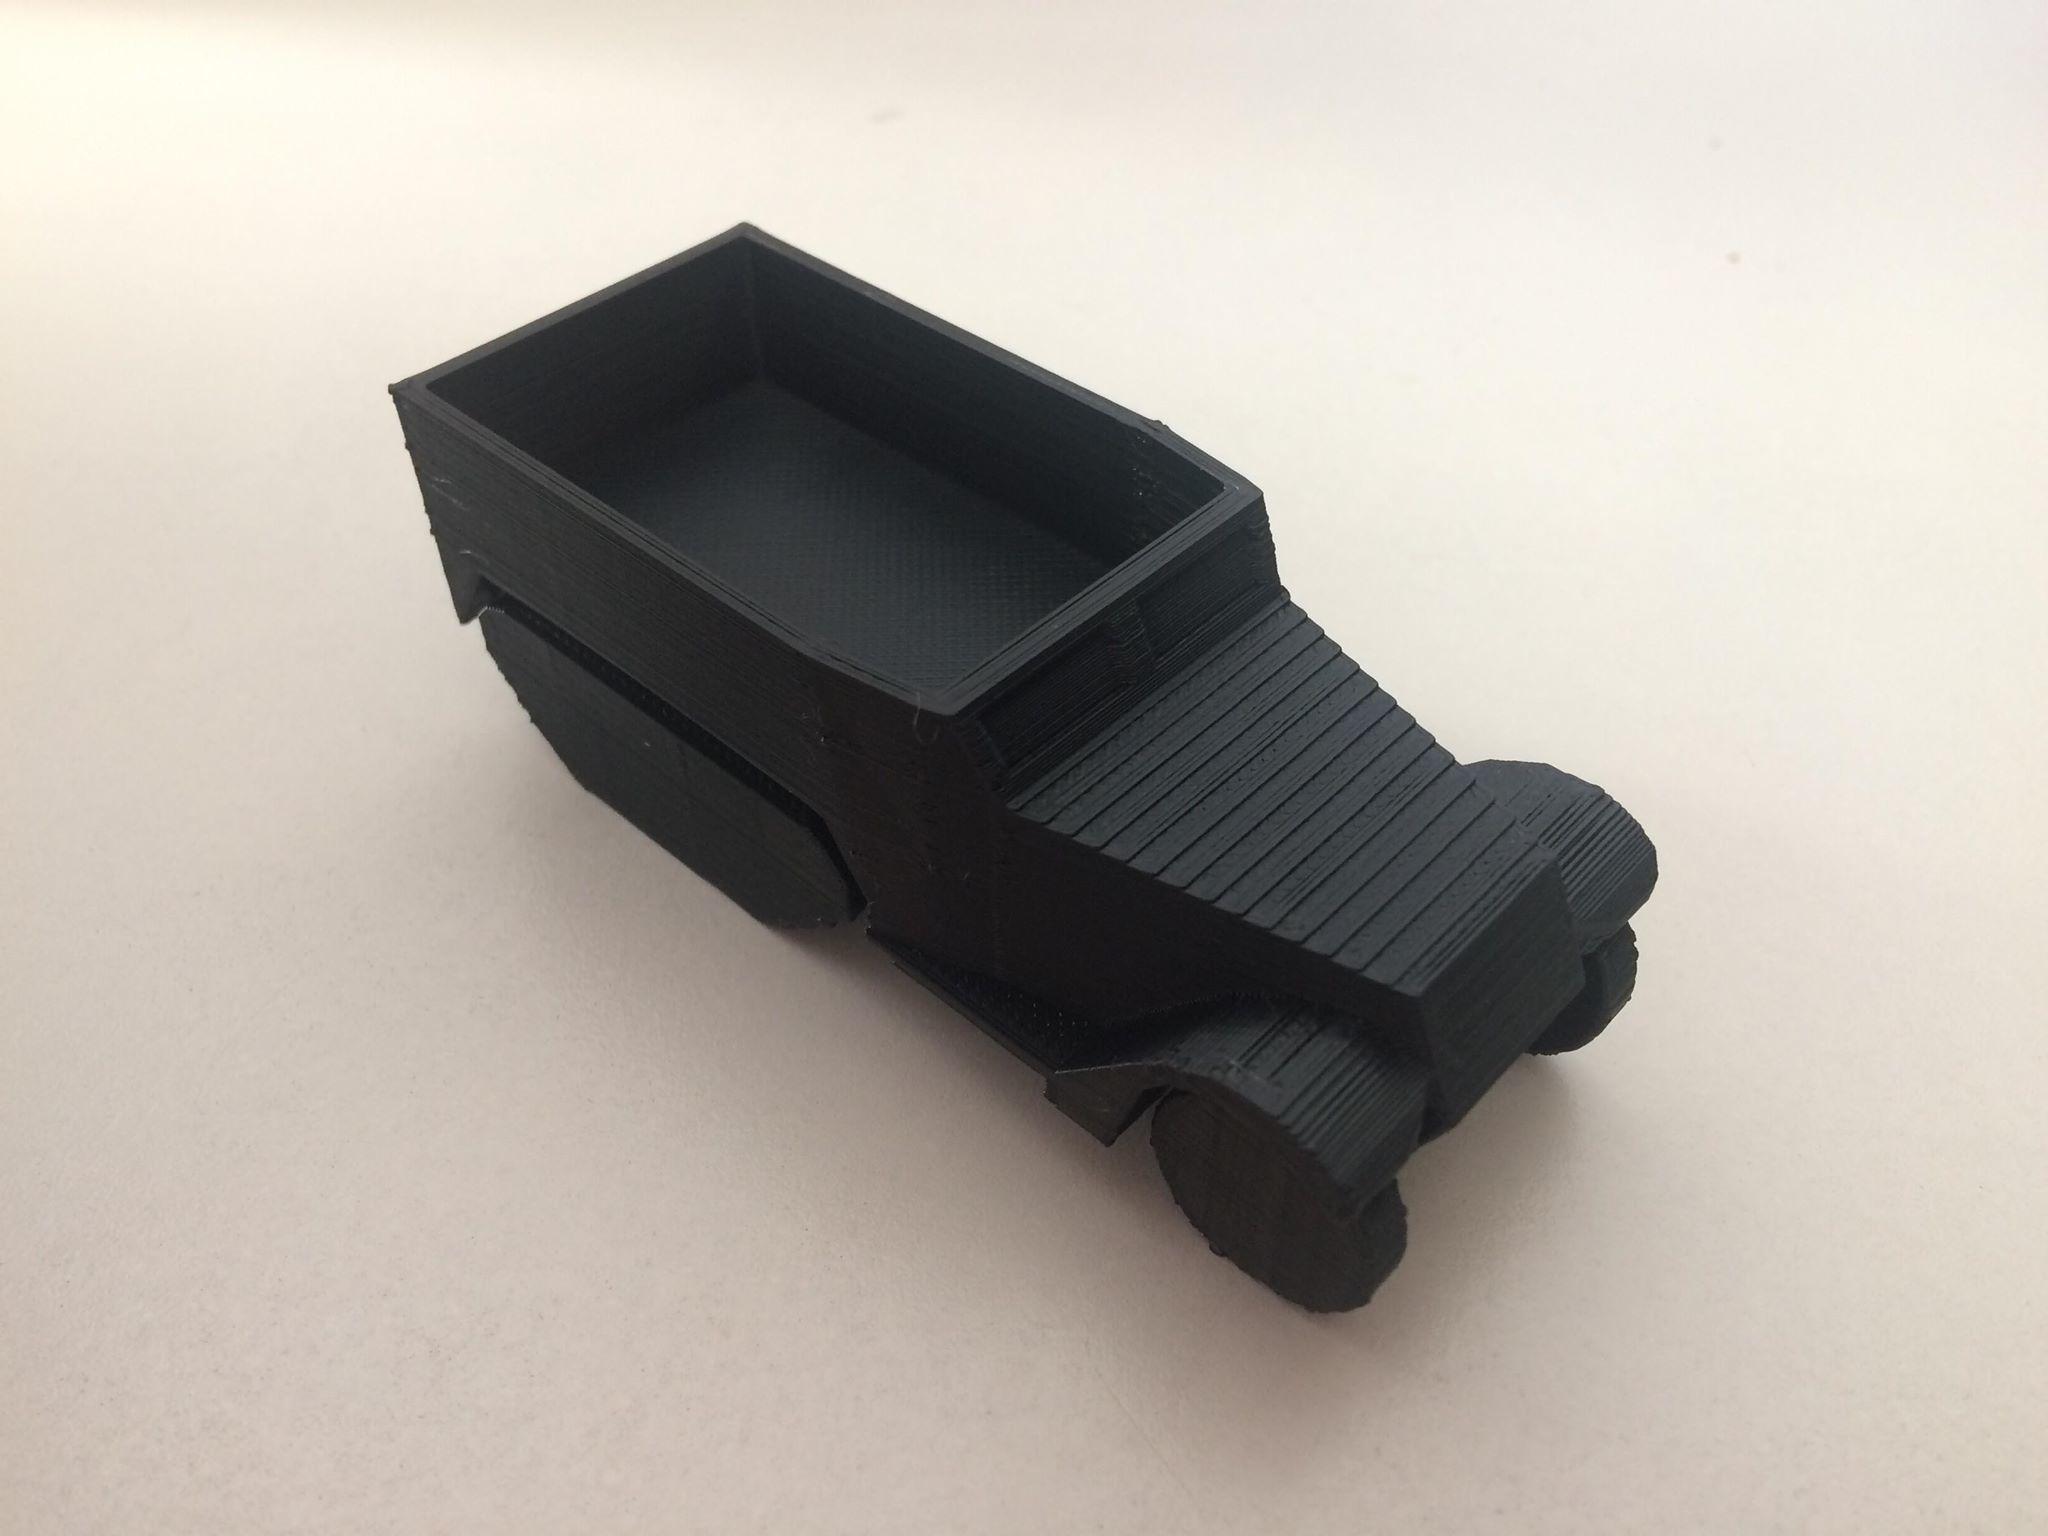 41225342_282631349018759_4369169130985619456_n.jpg Download STL file M3 Half-track APC (unarmed) • 3D printing model, AntarcticFox